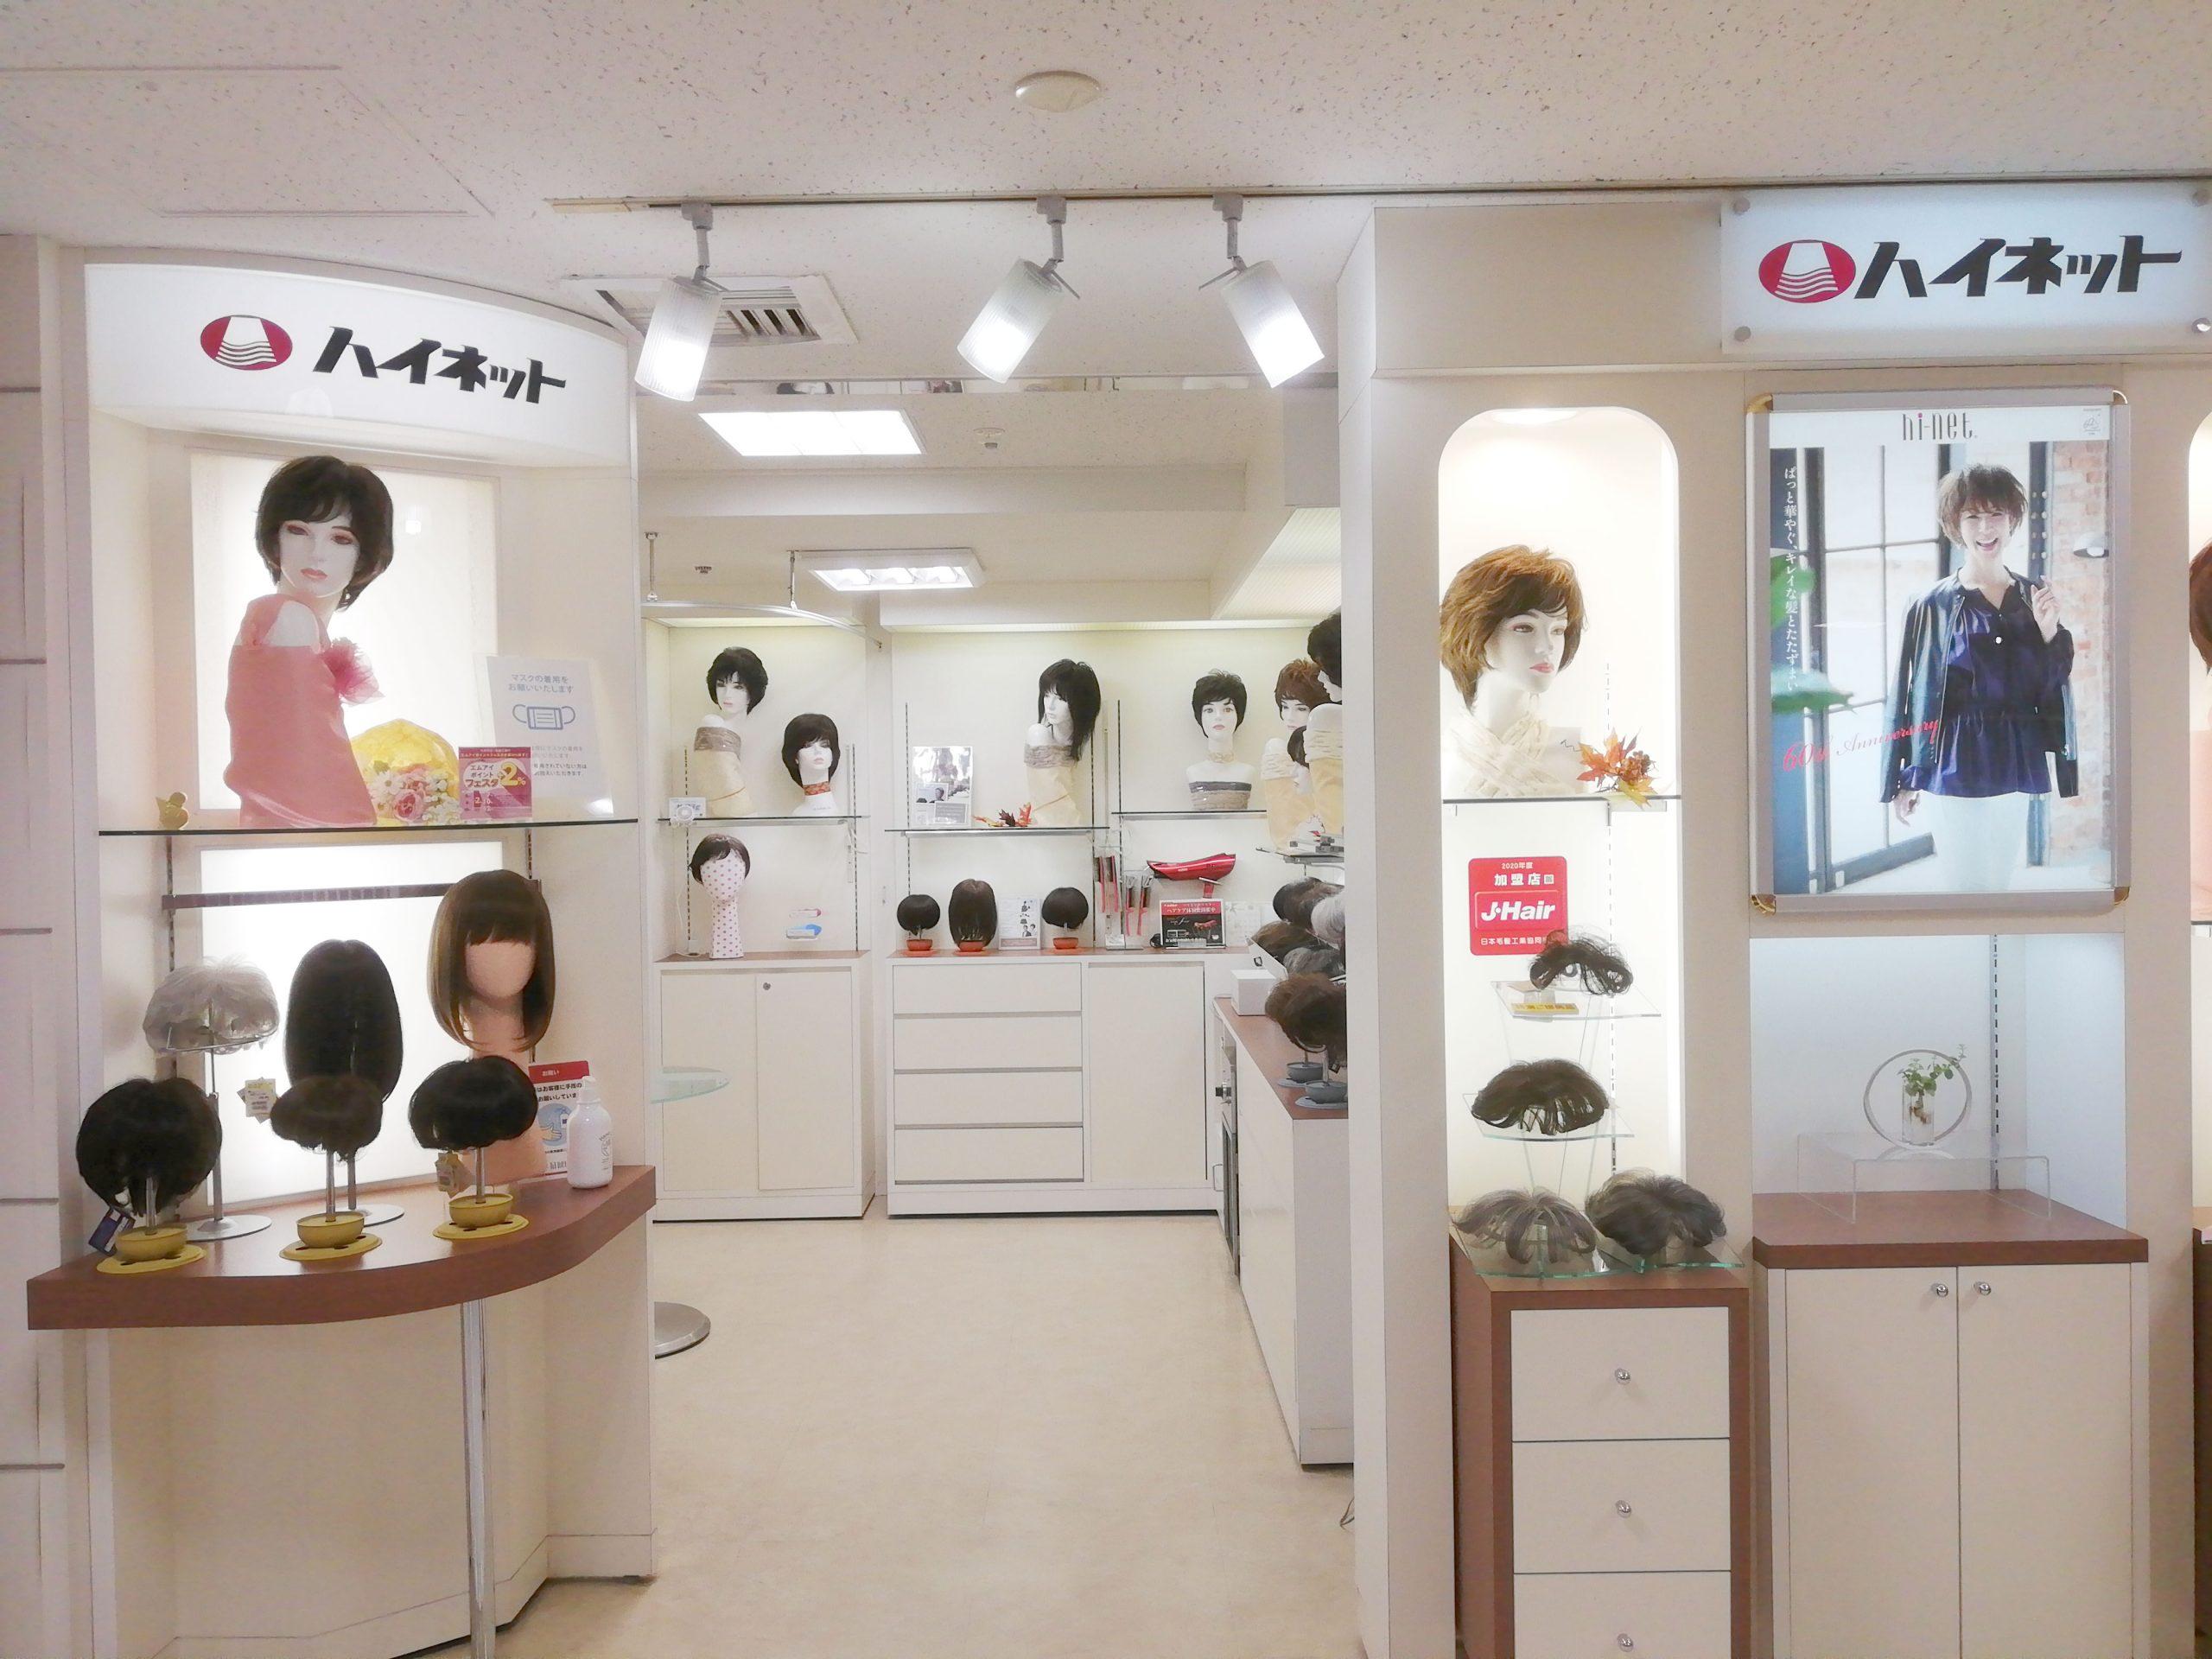 ハイネット<br>冬のヘアウイッグコレクション<br>丸井今井札幌本店